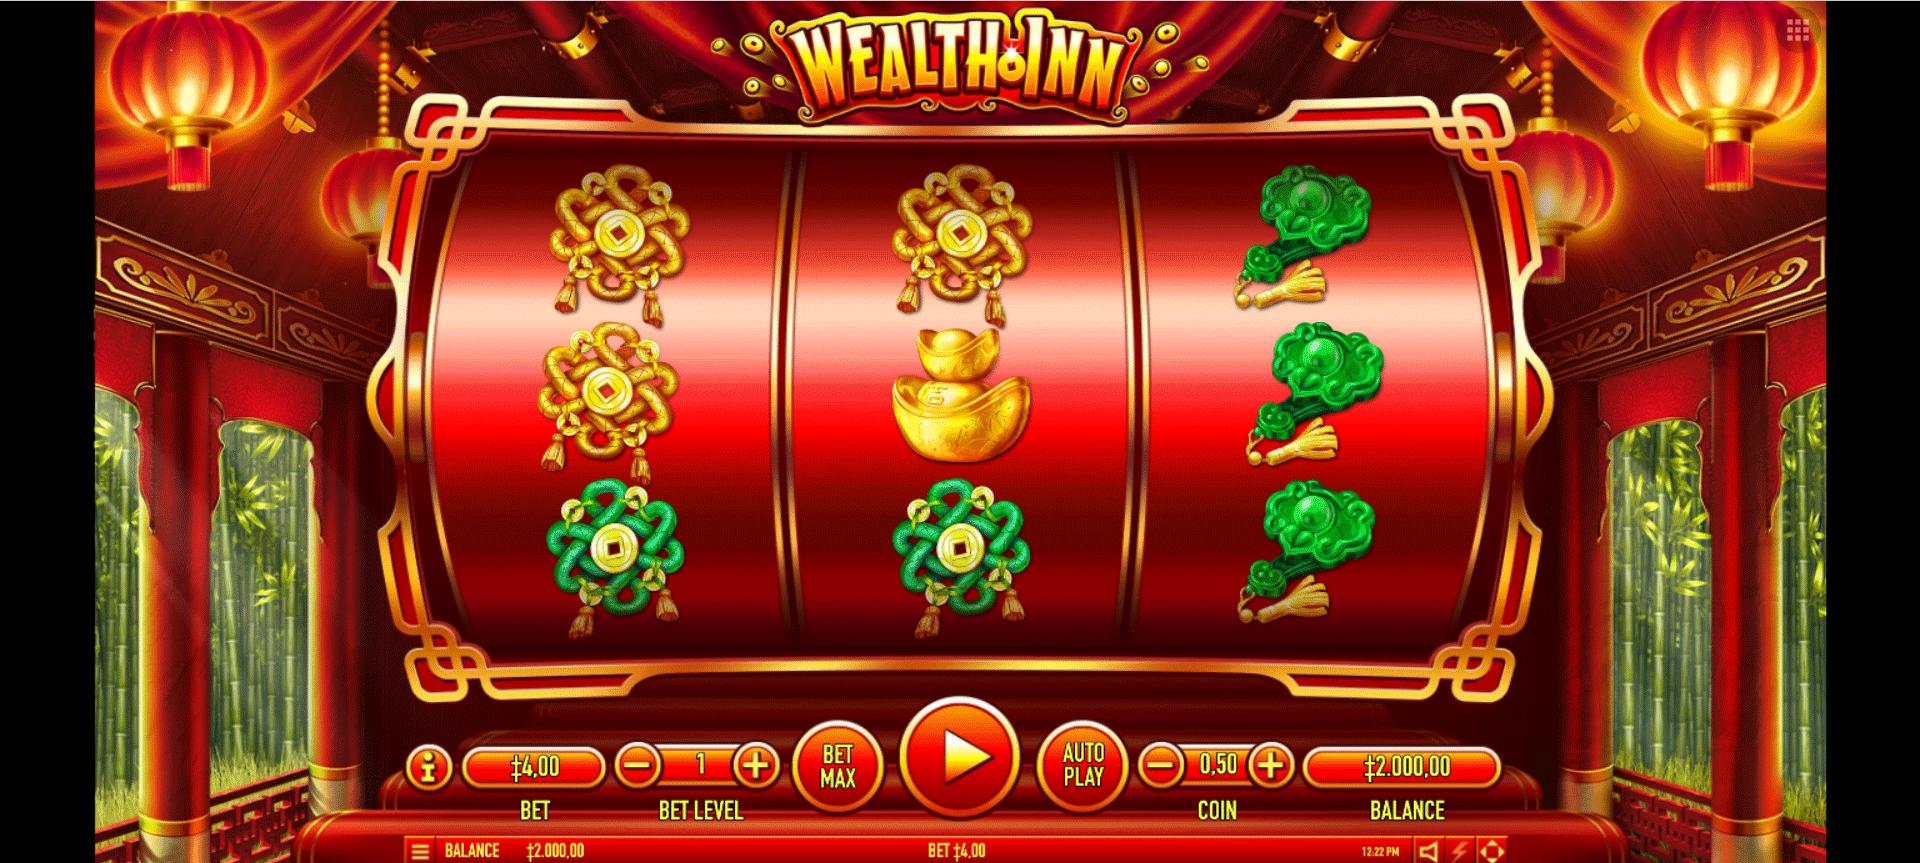 Slot Wealth Inn